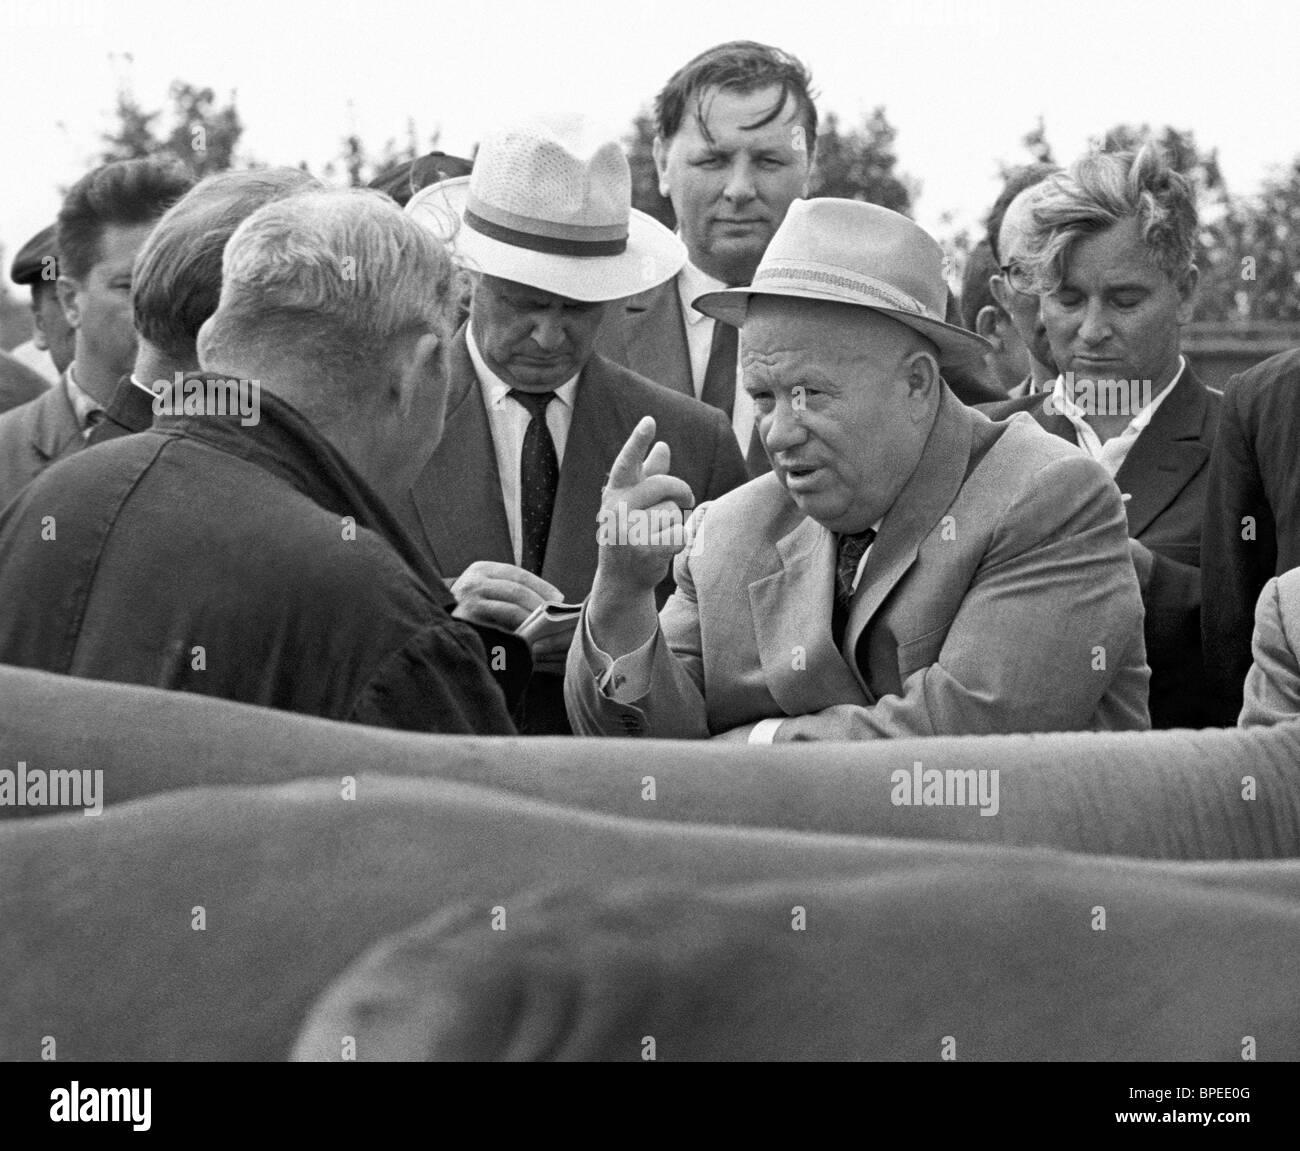 Nikita Khrushchev in Volgograd region, 1964 - Stock Image